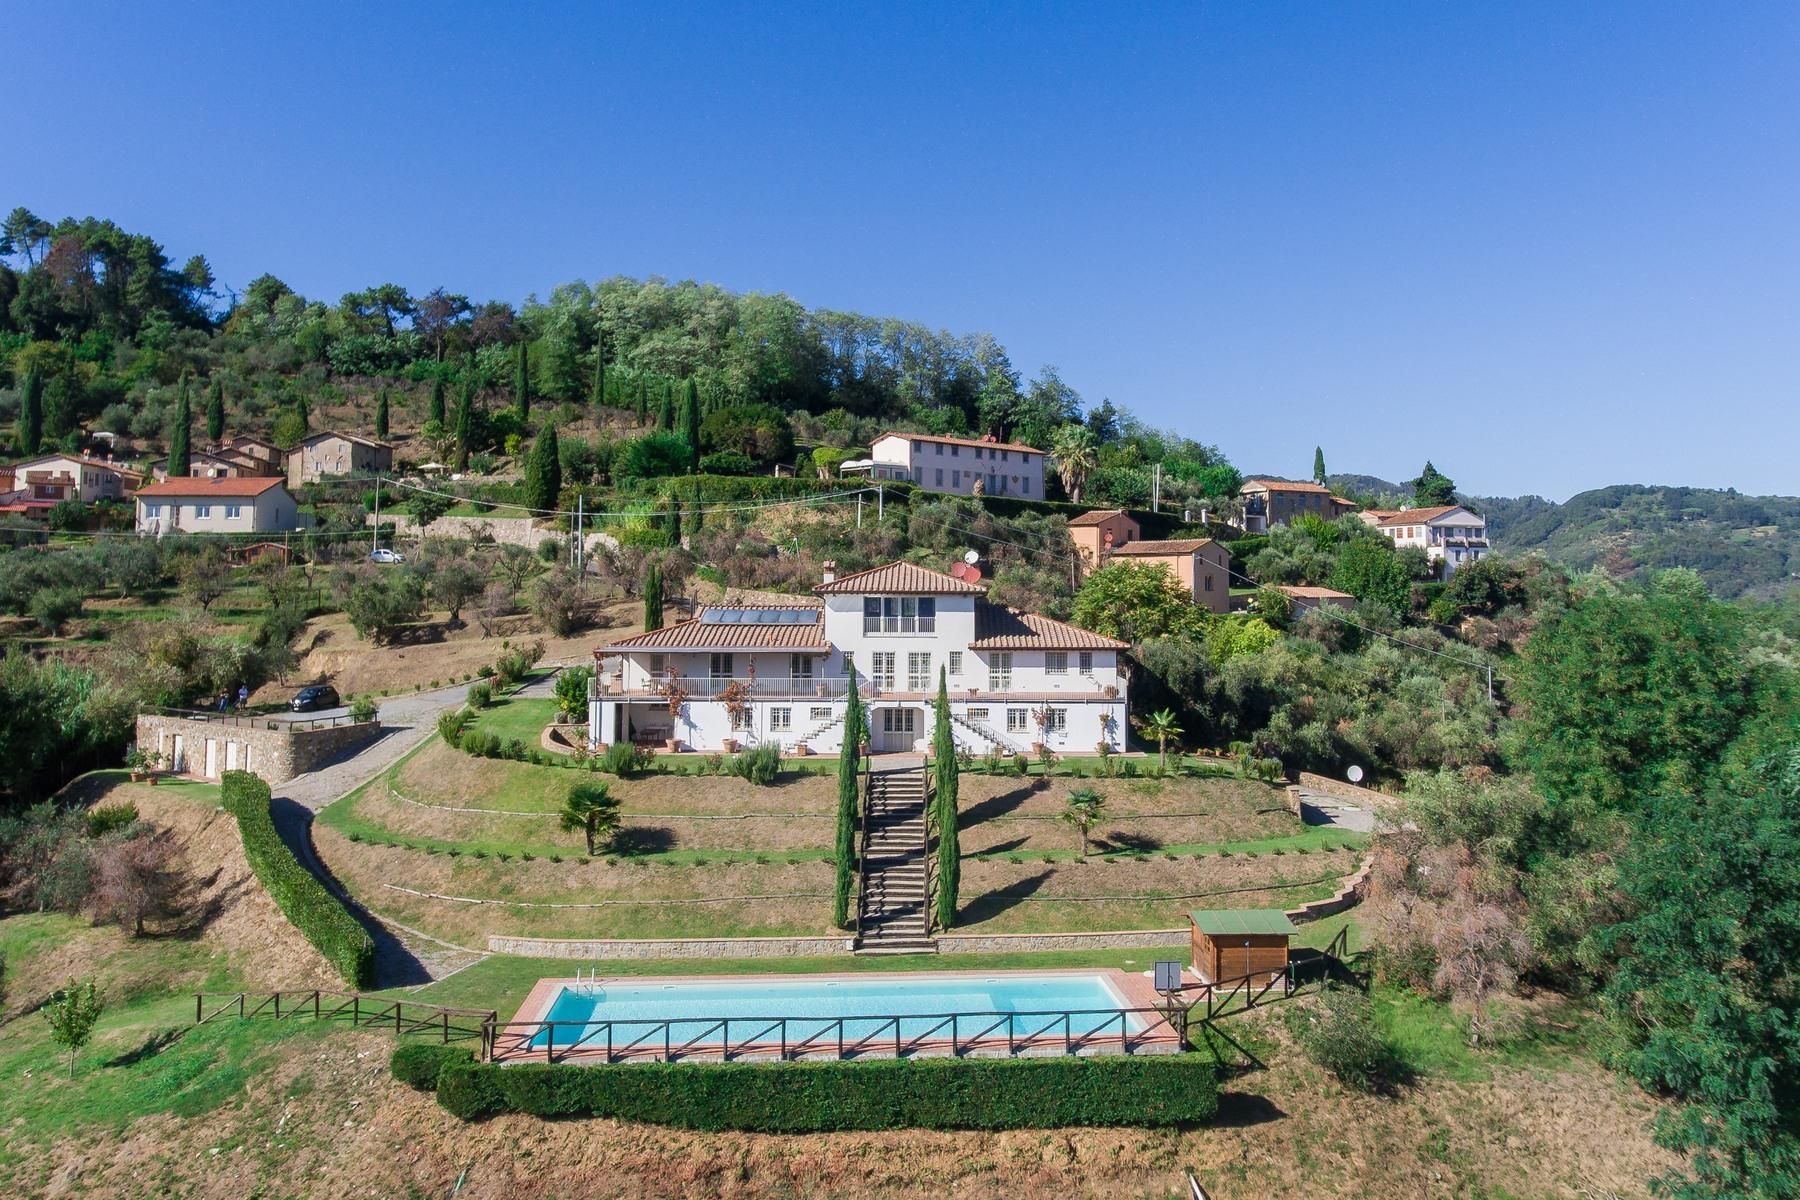 Meravigliosa villa con piscina sulle colline di Pieve Santo Stefano - 18